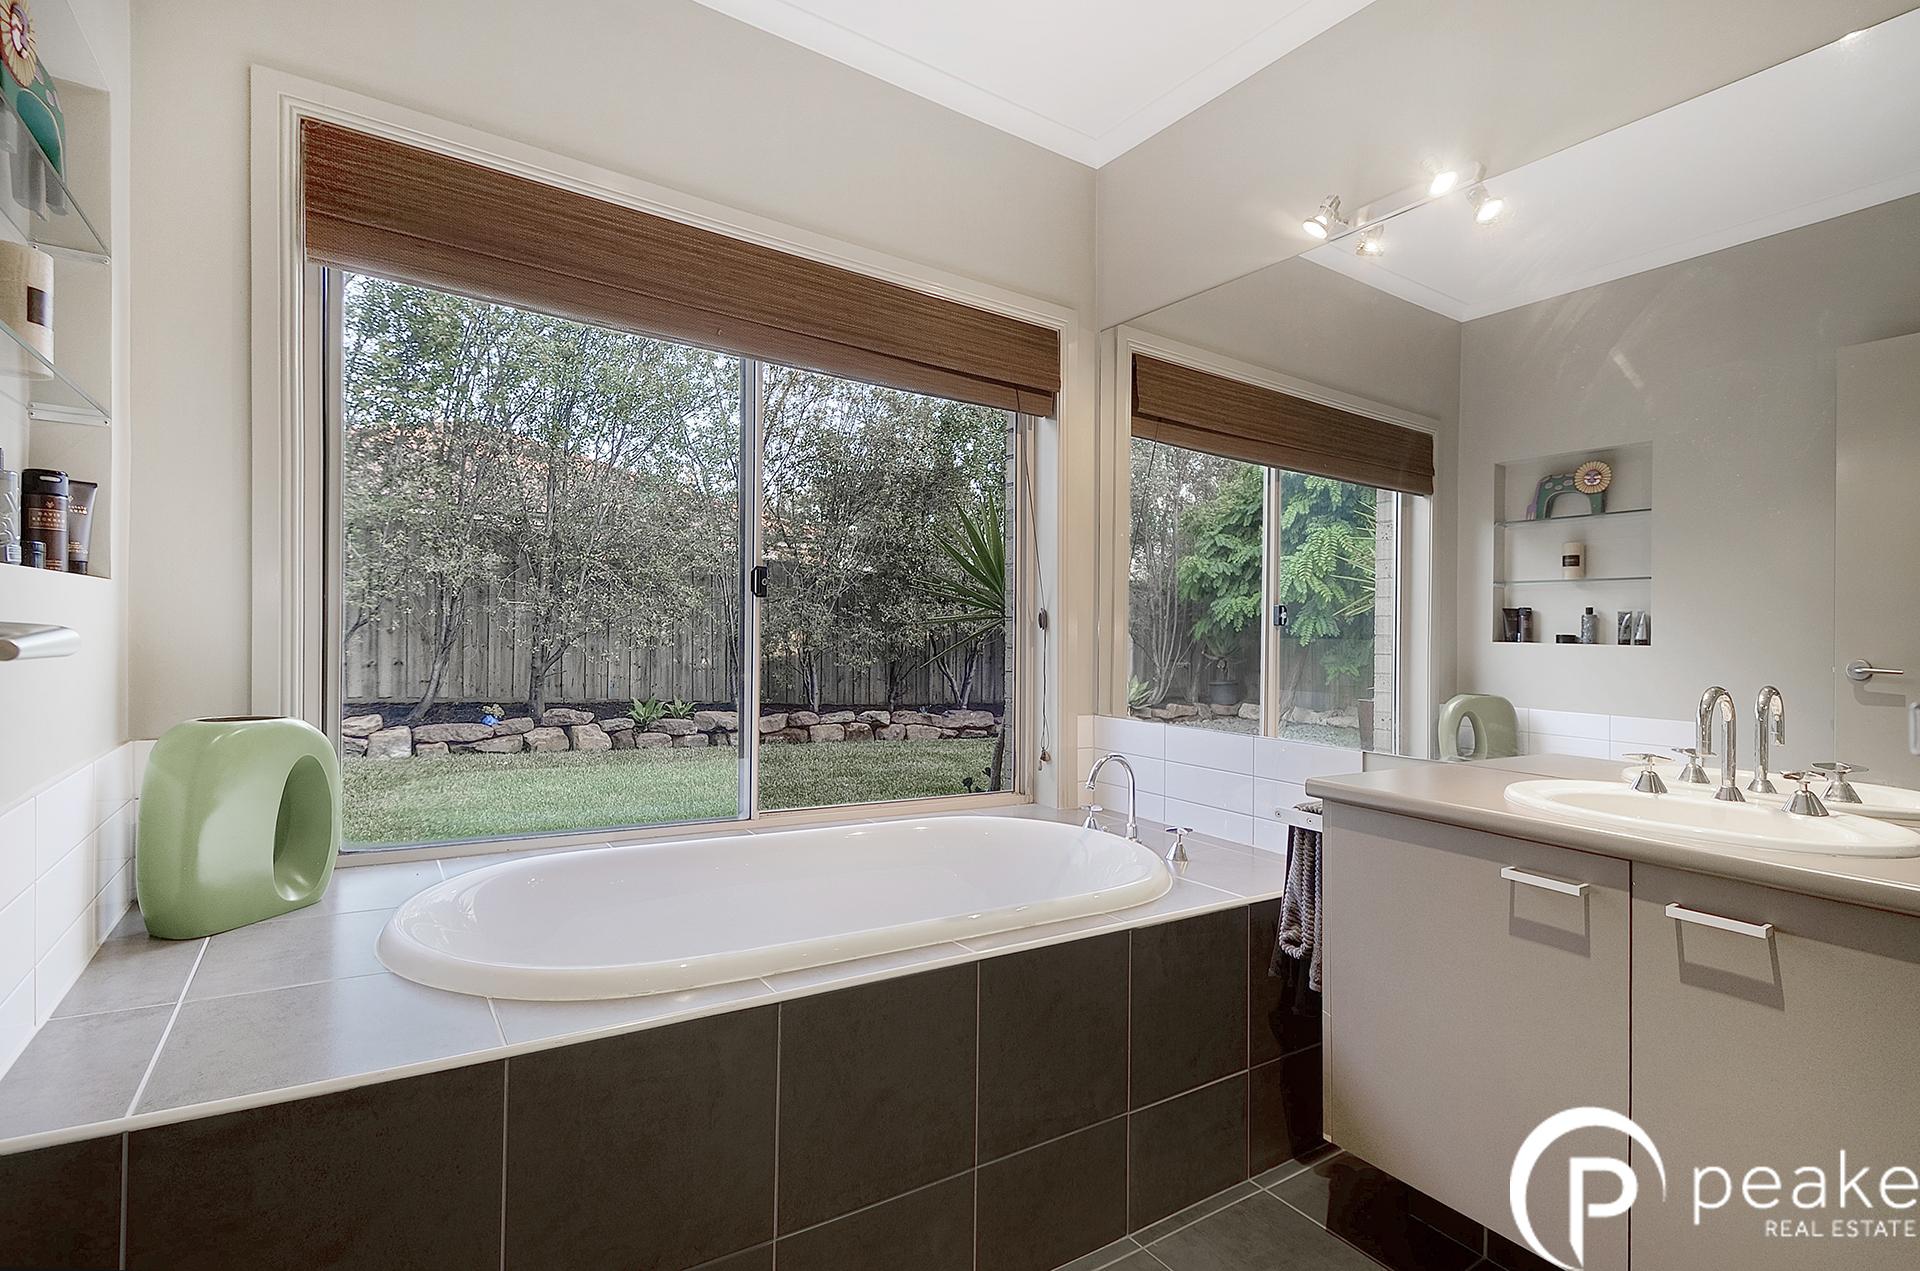 Real Estate In Berwick 41 Sittella Dr Berwick Vic 3806